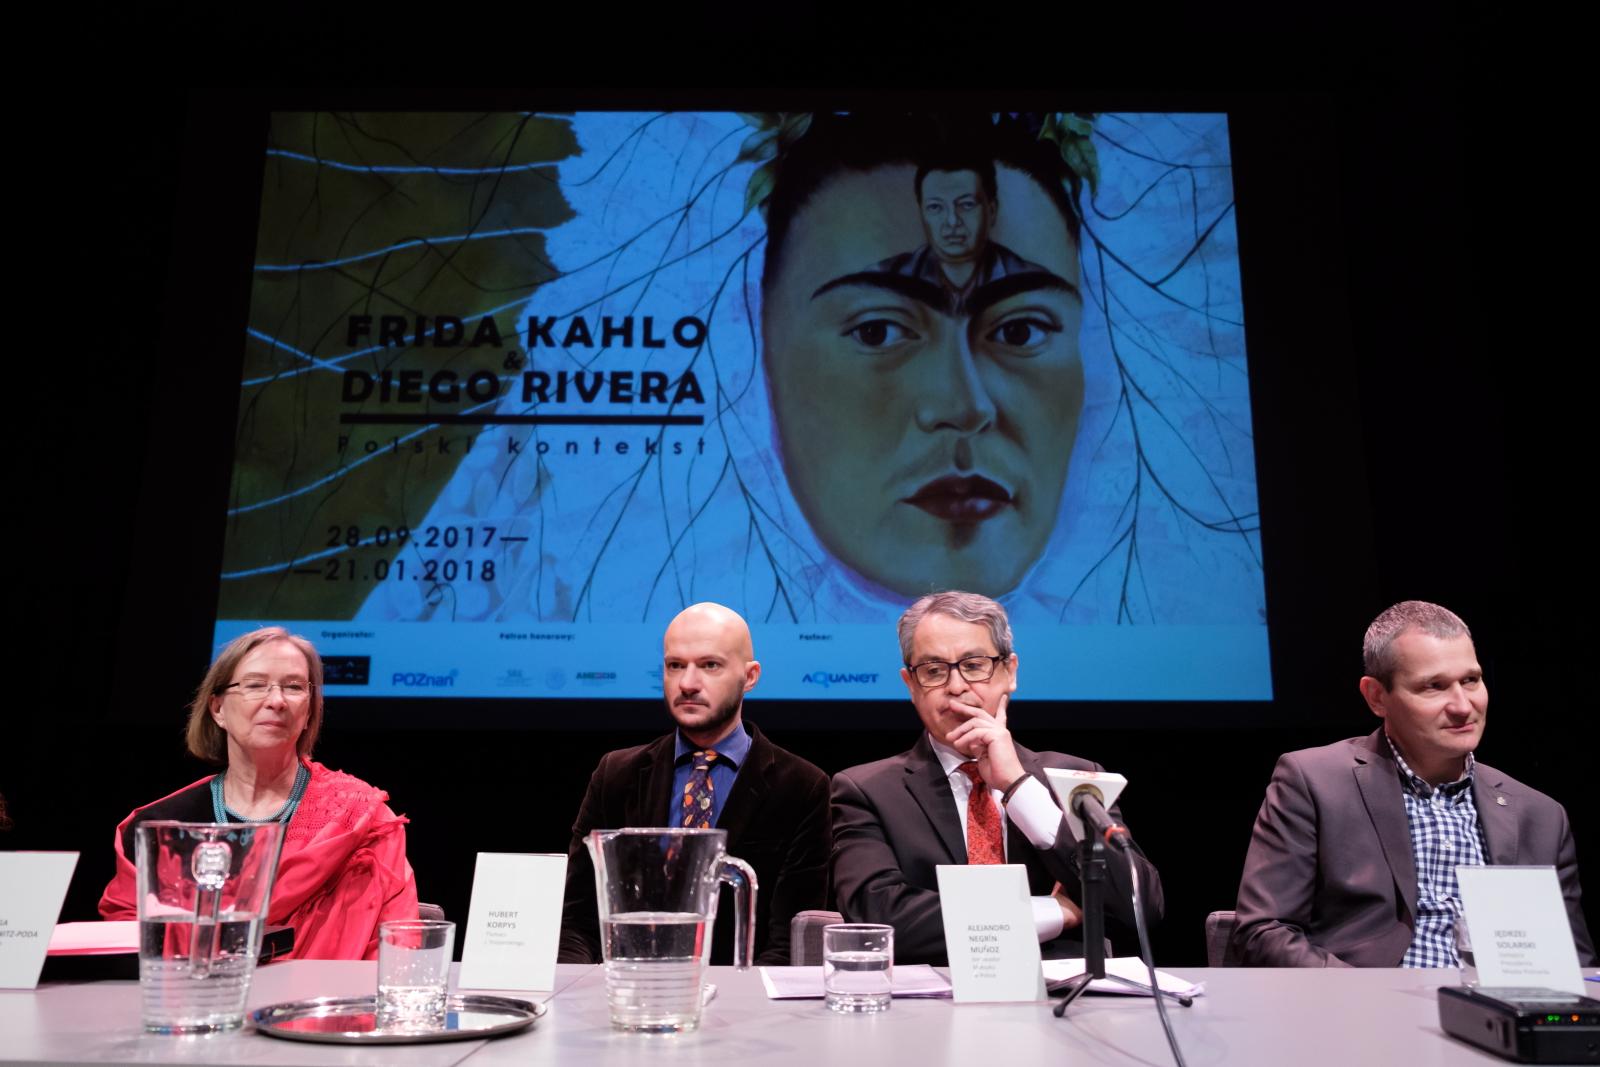 Ambasador Meksyku w Polsce podczas konferencji prasowej nt. wystawy